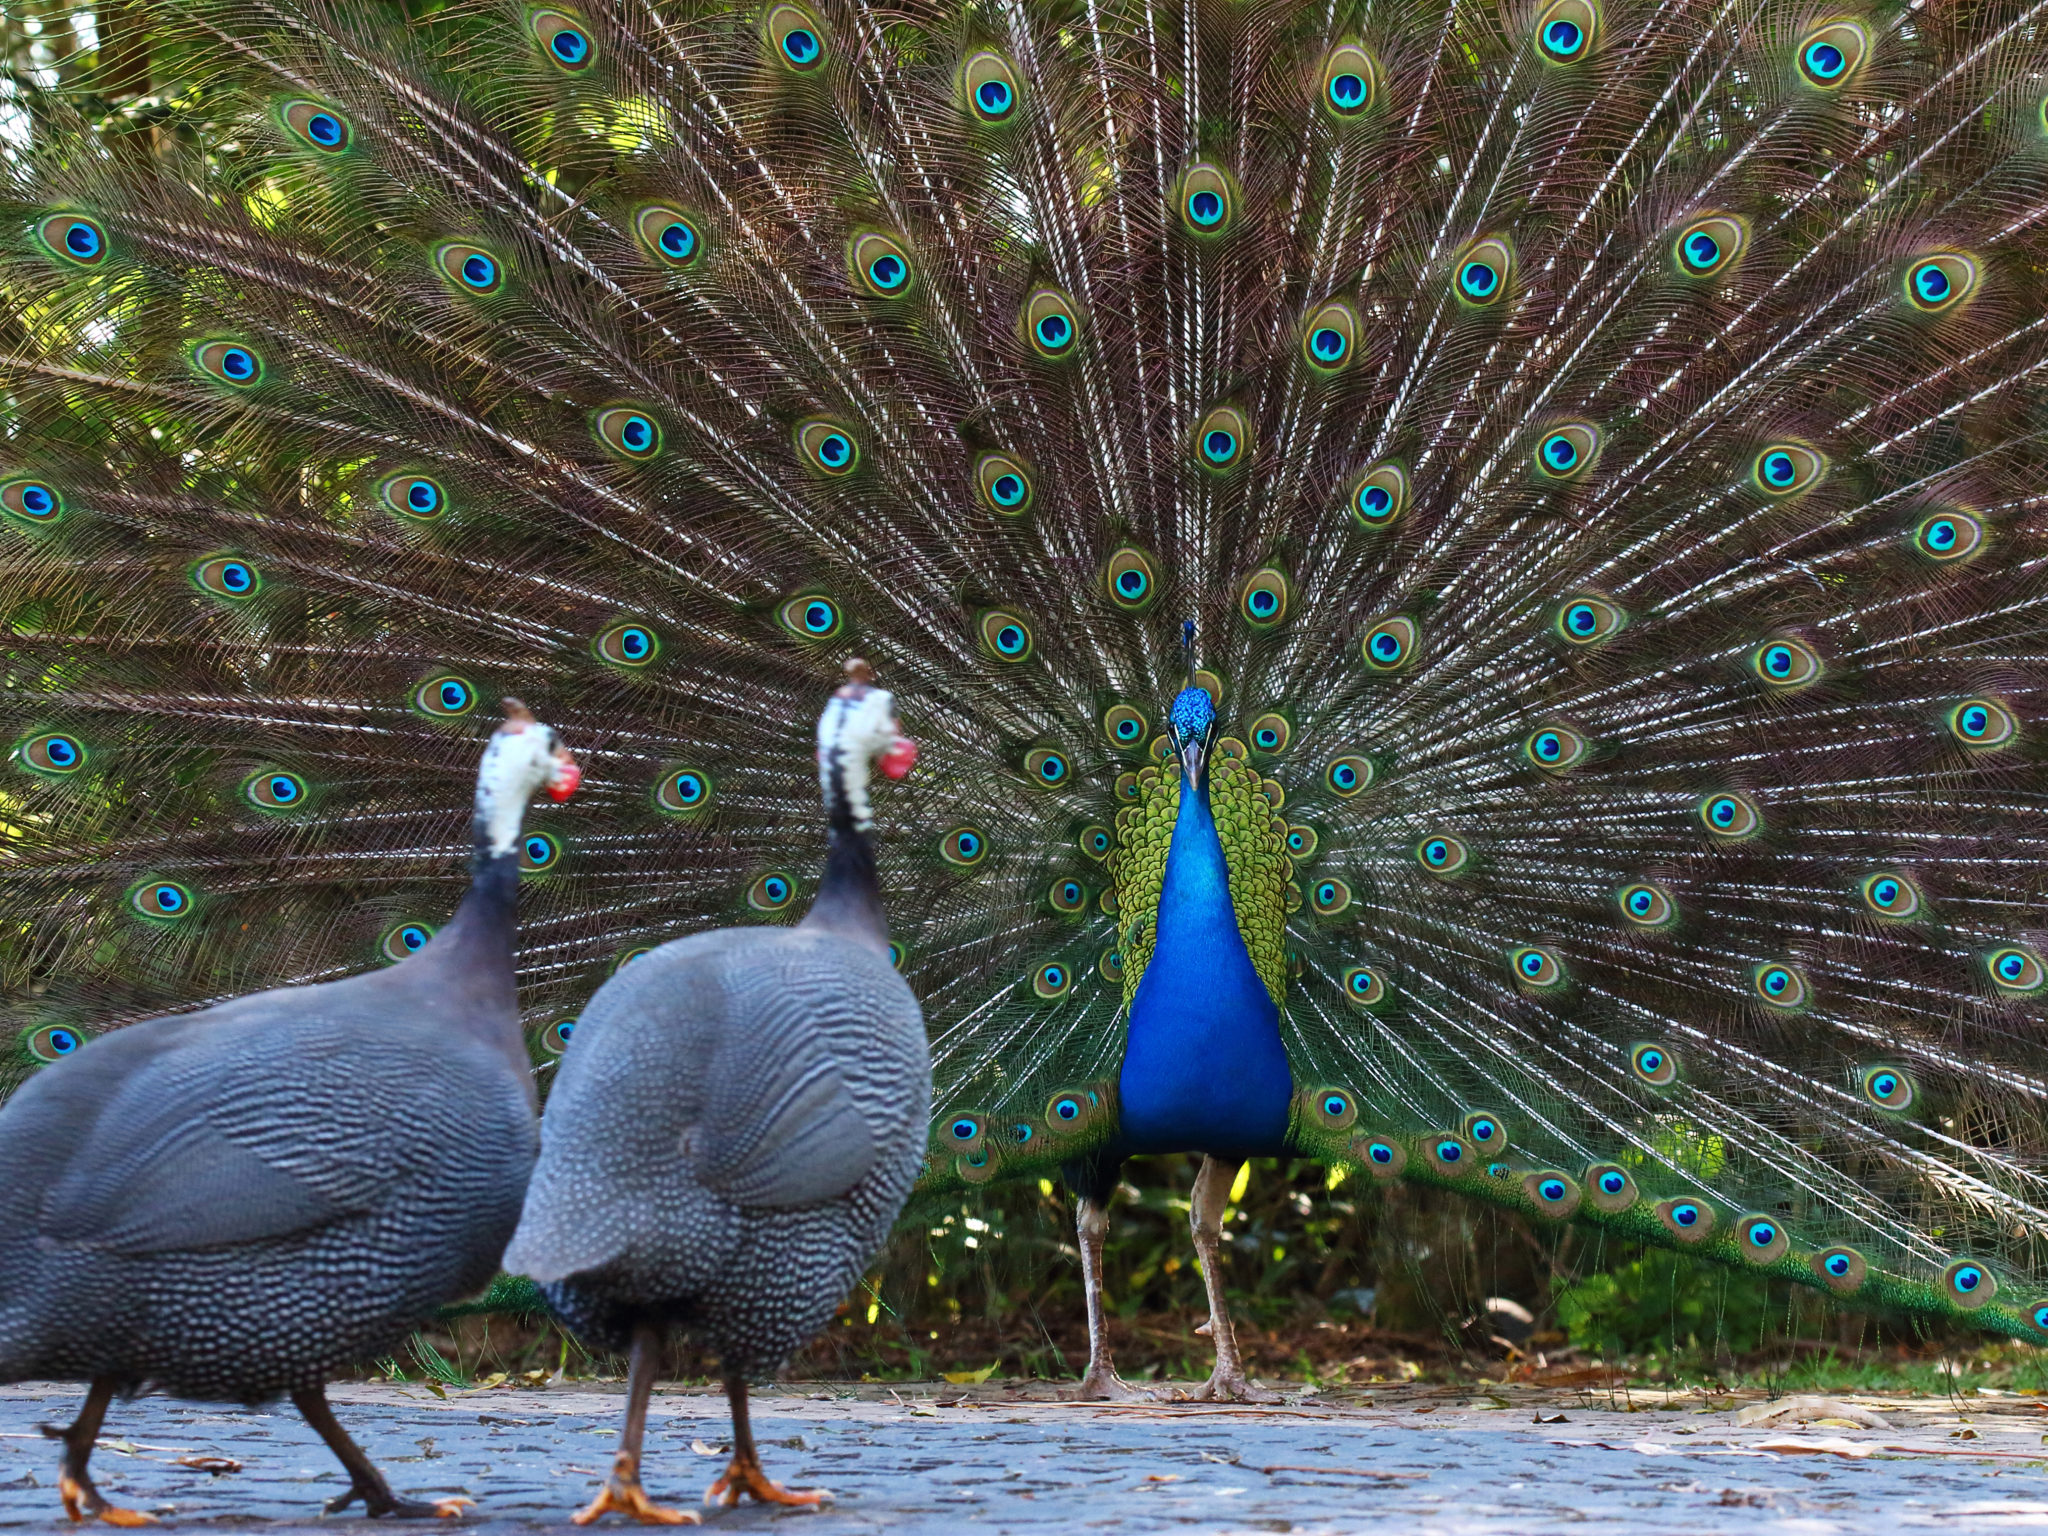 Em contato com a natureza: conheça os animais no Parque das Cerejeiras.